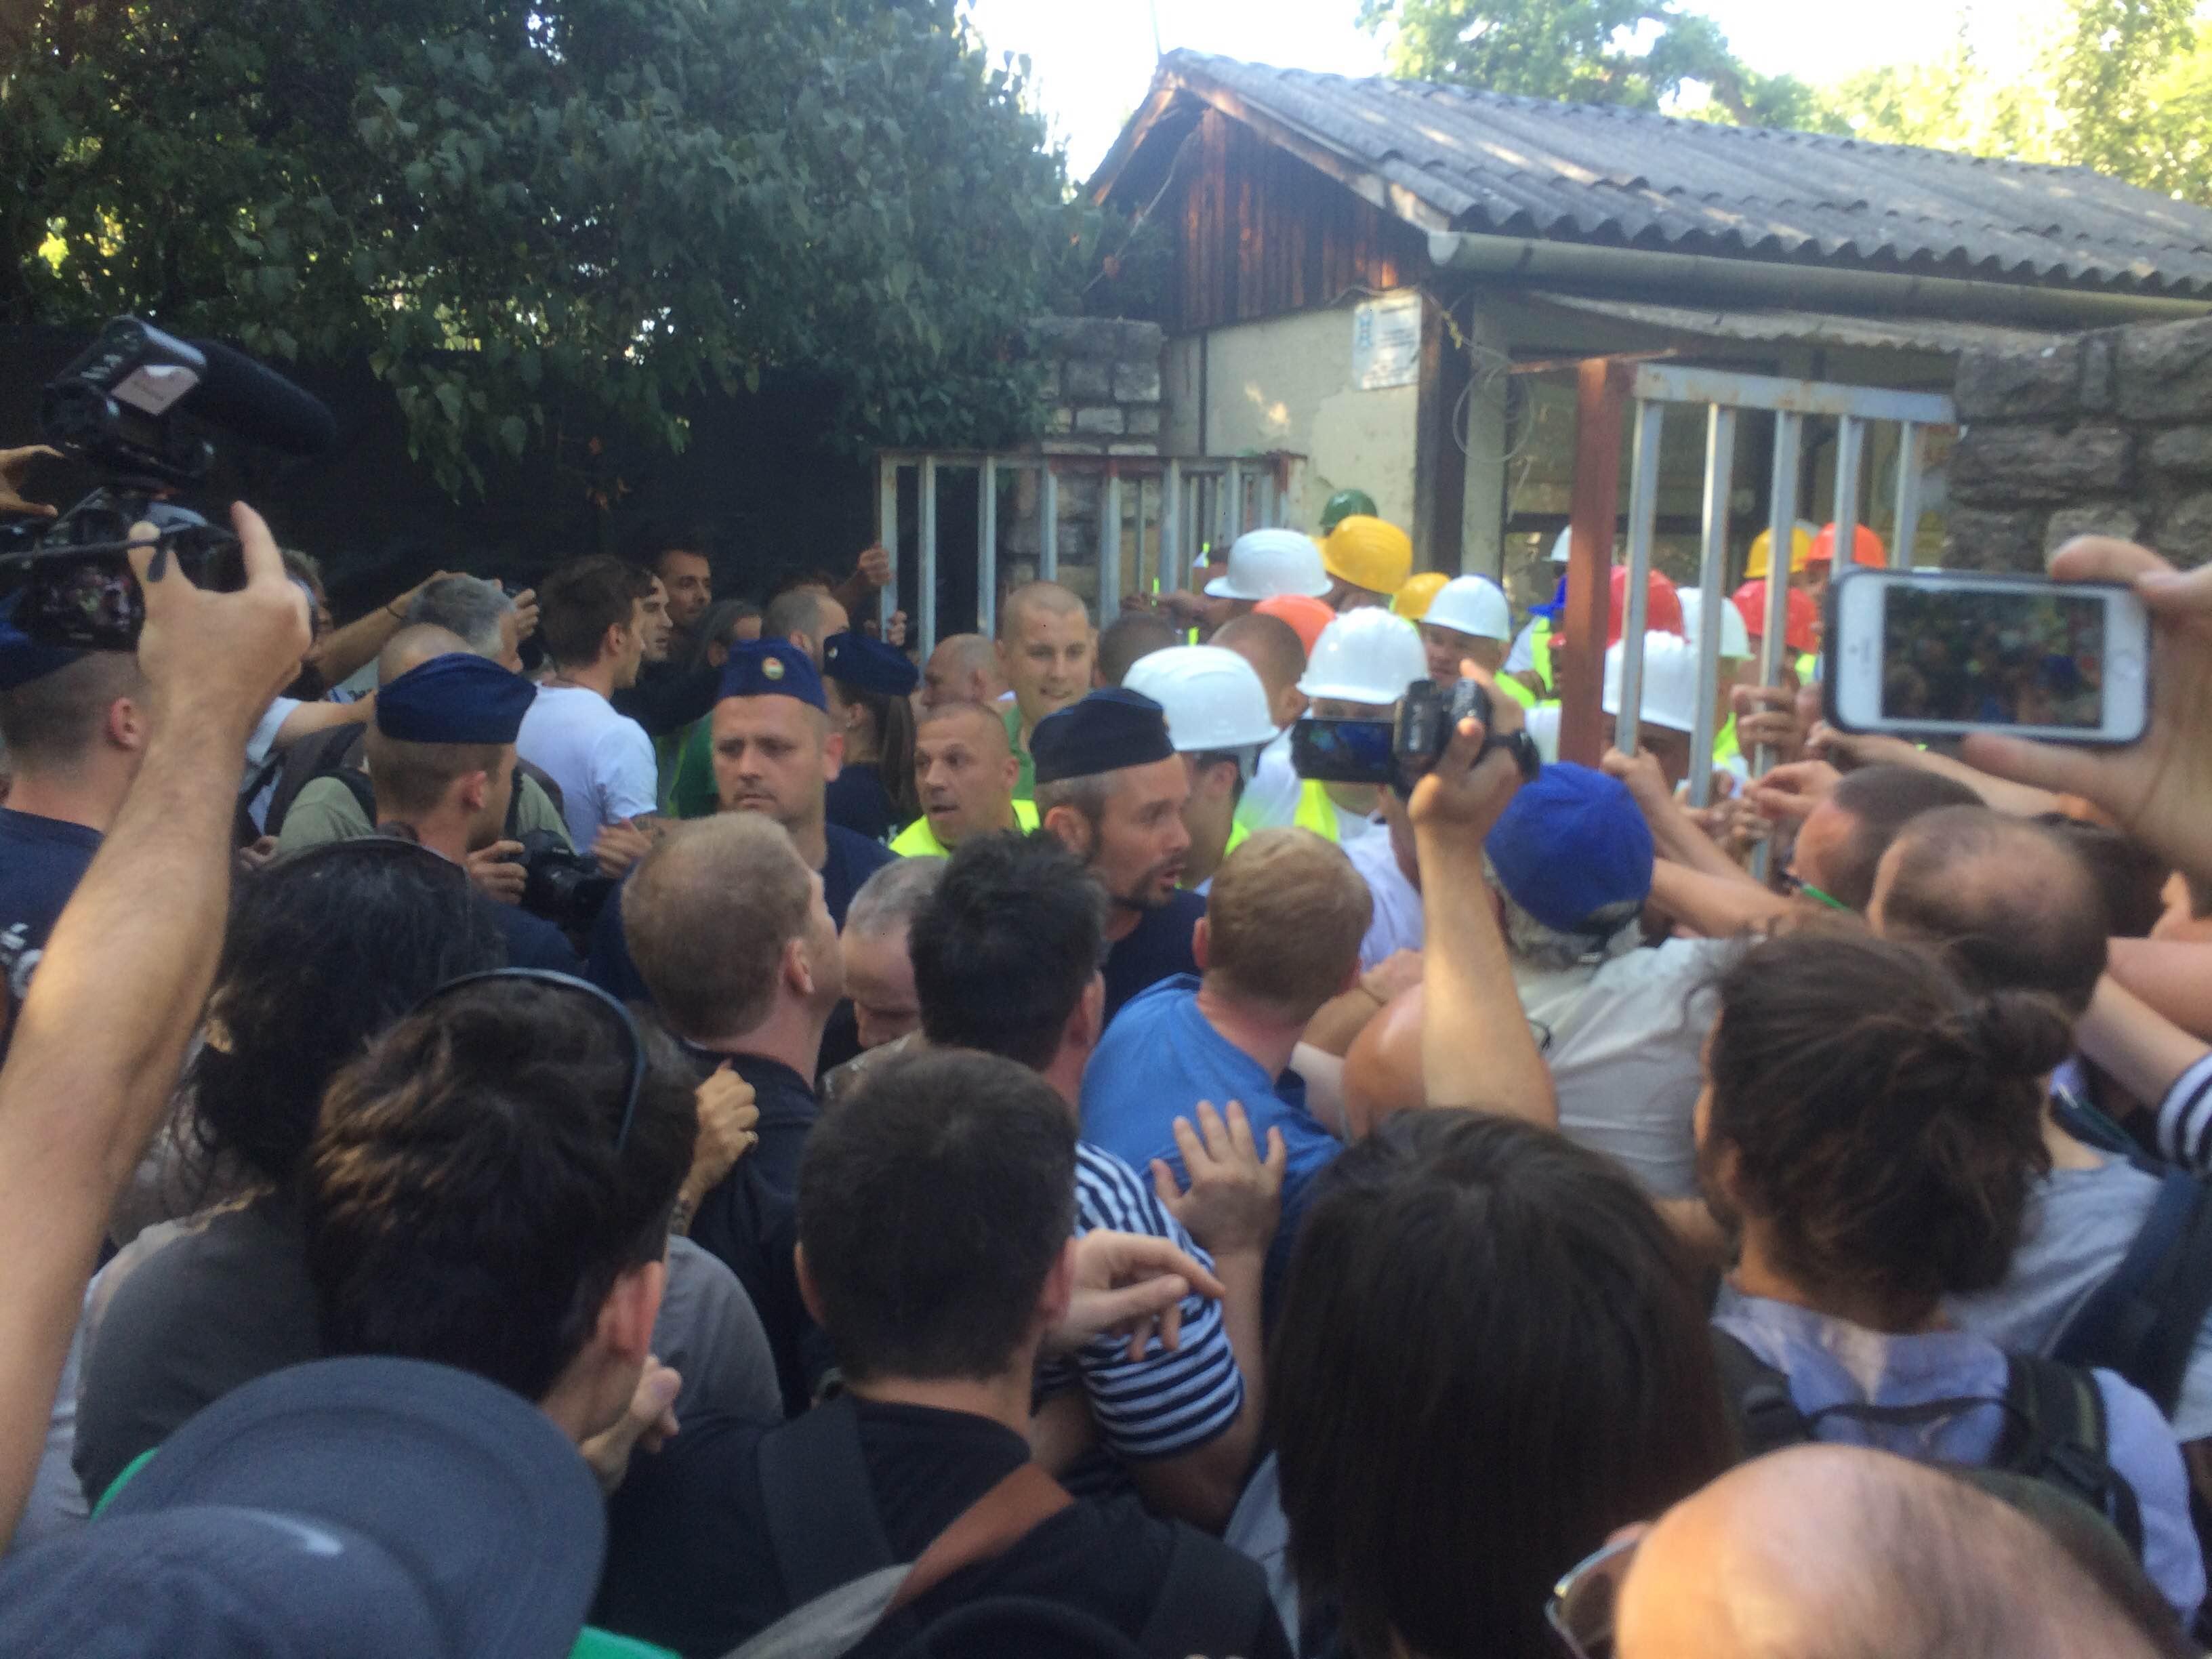 Liget-balhé: 100 óra közmunka a tüntetőknek, a kopaszok ellen eljárás sem indult